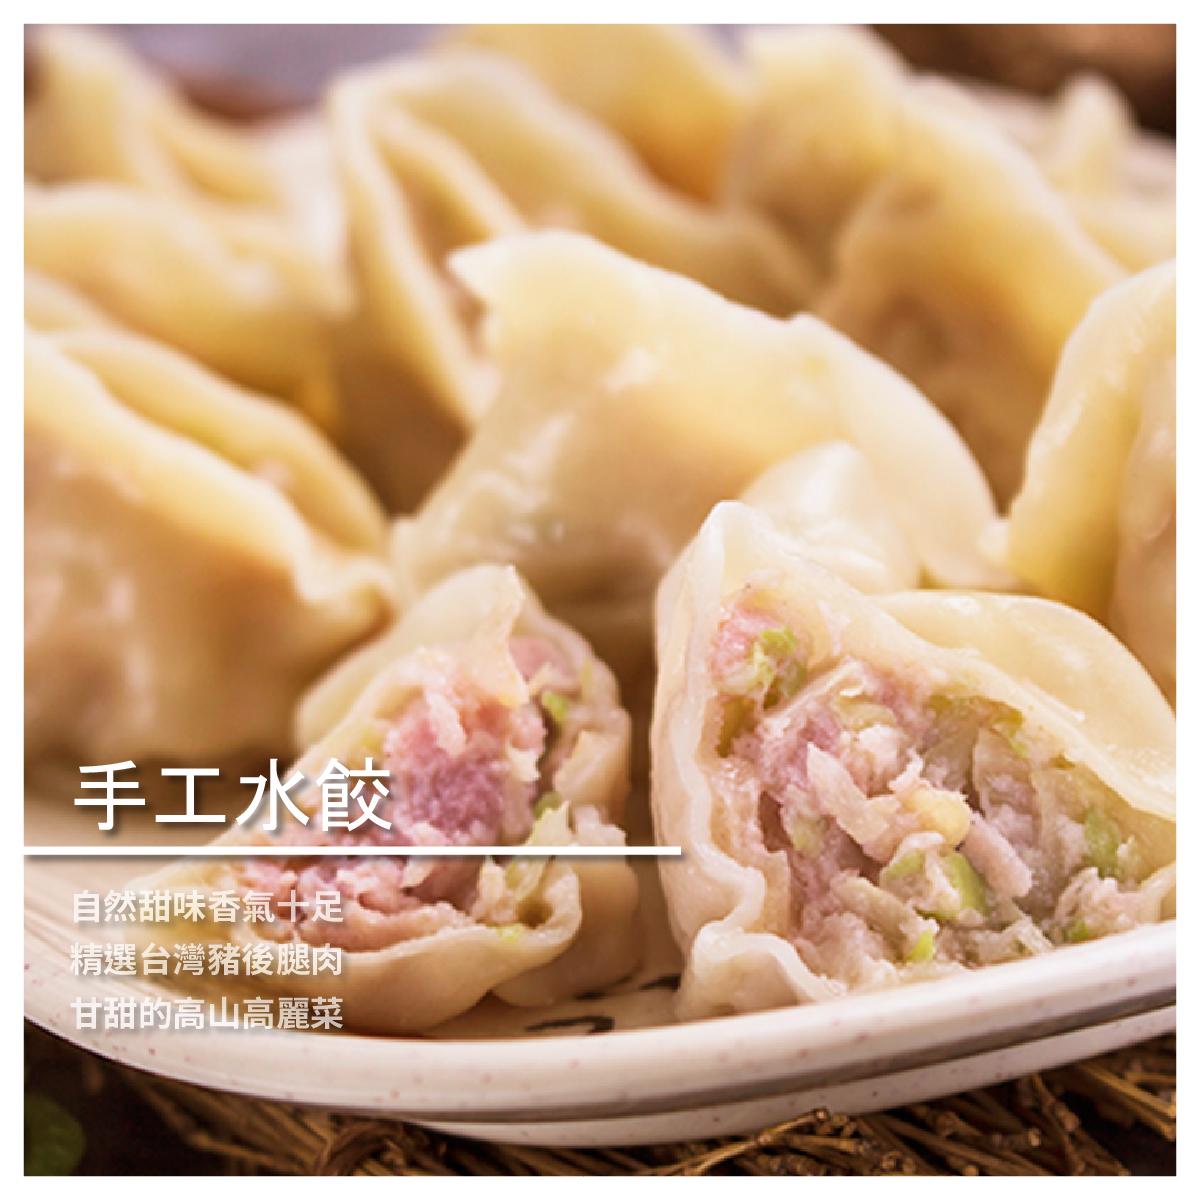 【全餃大亨】手工 高麗菜/韭菜 豬肉水餃 6包 (50顆/包)